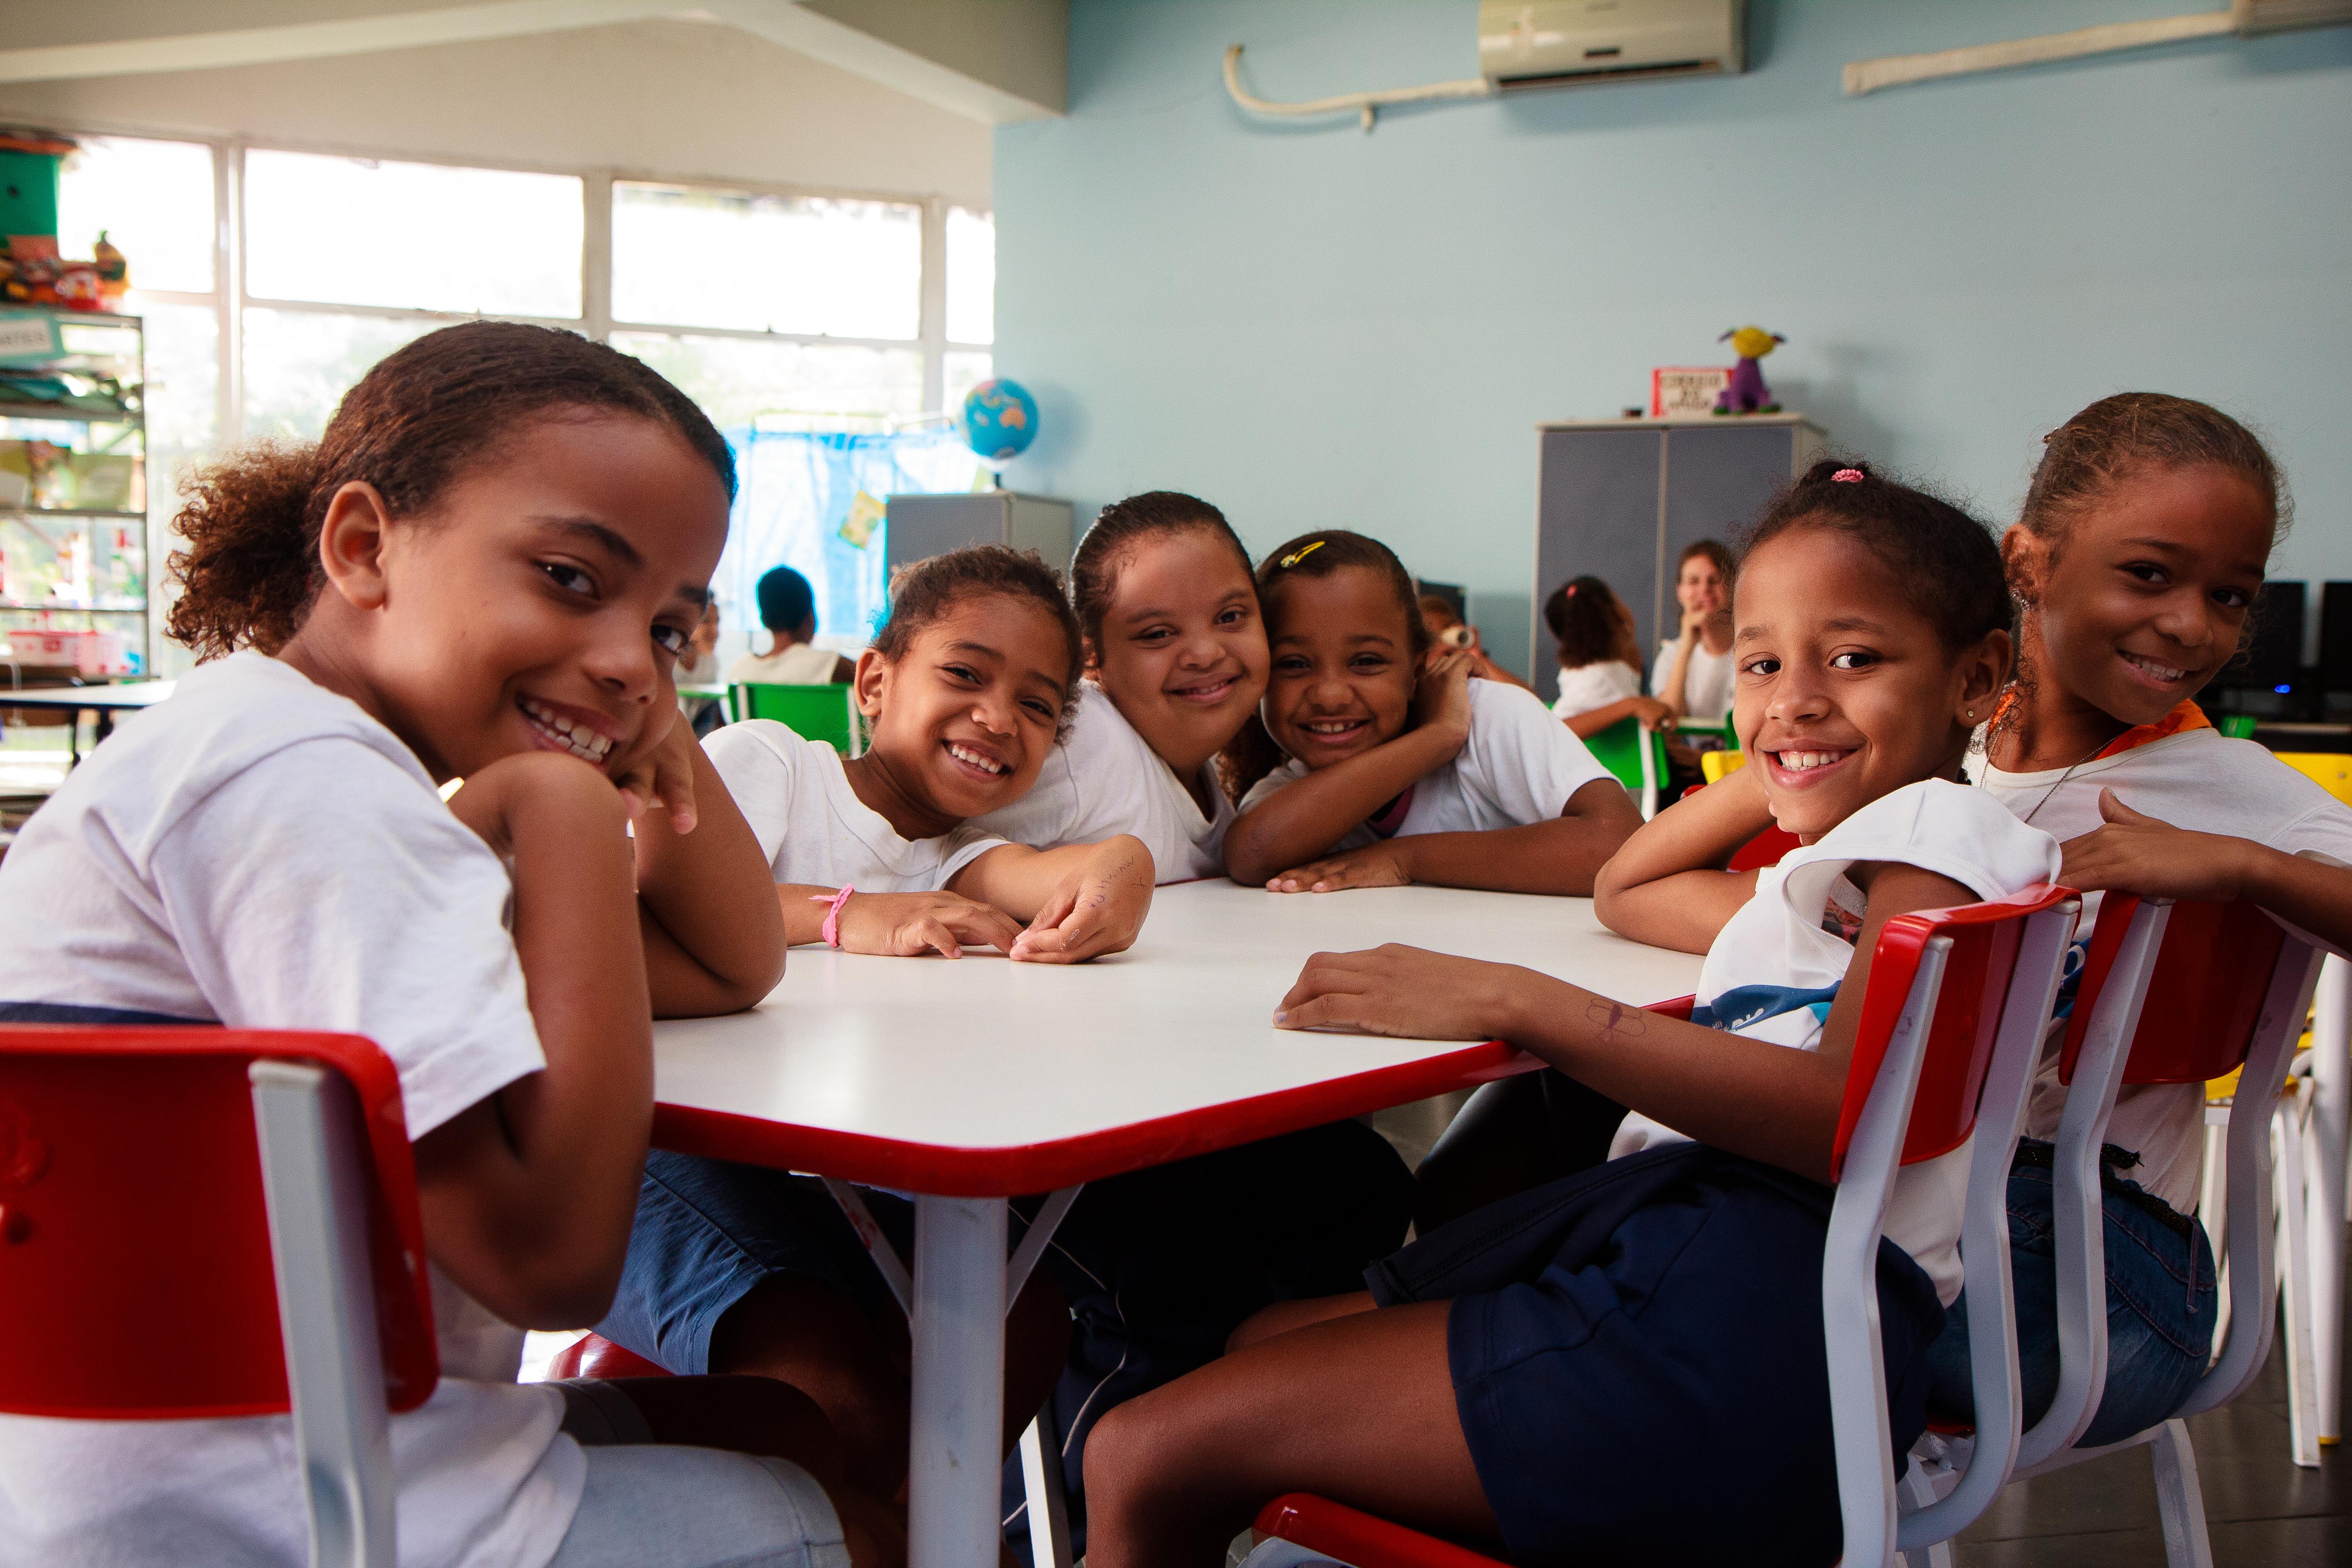 Cinco garotas estão sentadas em carteiras em uma sala de aula. Todas usam uniforme de escola. A aluna do meio tem síndrome de Down, enquanto as outras quatro que estão ao redor não apresentam nenhuma deficiência. A foto é a capa da cartilha Escola para Todos.